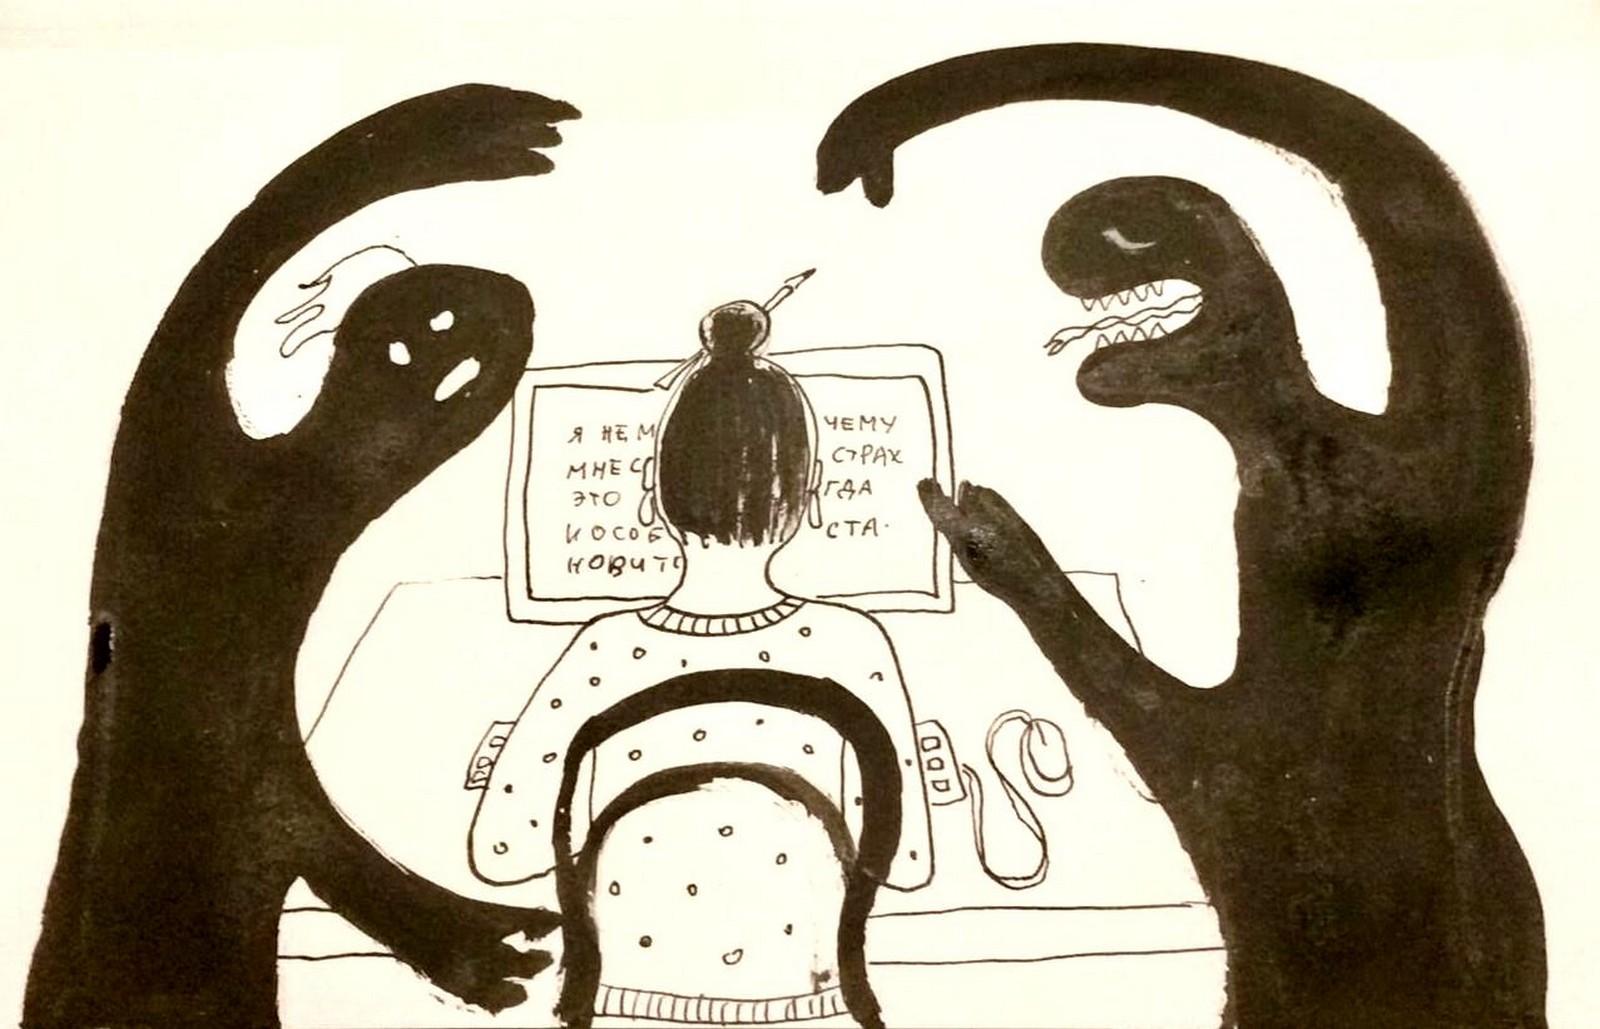 Без страха: иллюстрация Нади Демкиной к статье о страхах в творчестве | Nadin Piter Надин Питер блог Нади Демкиной